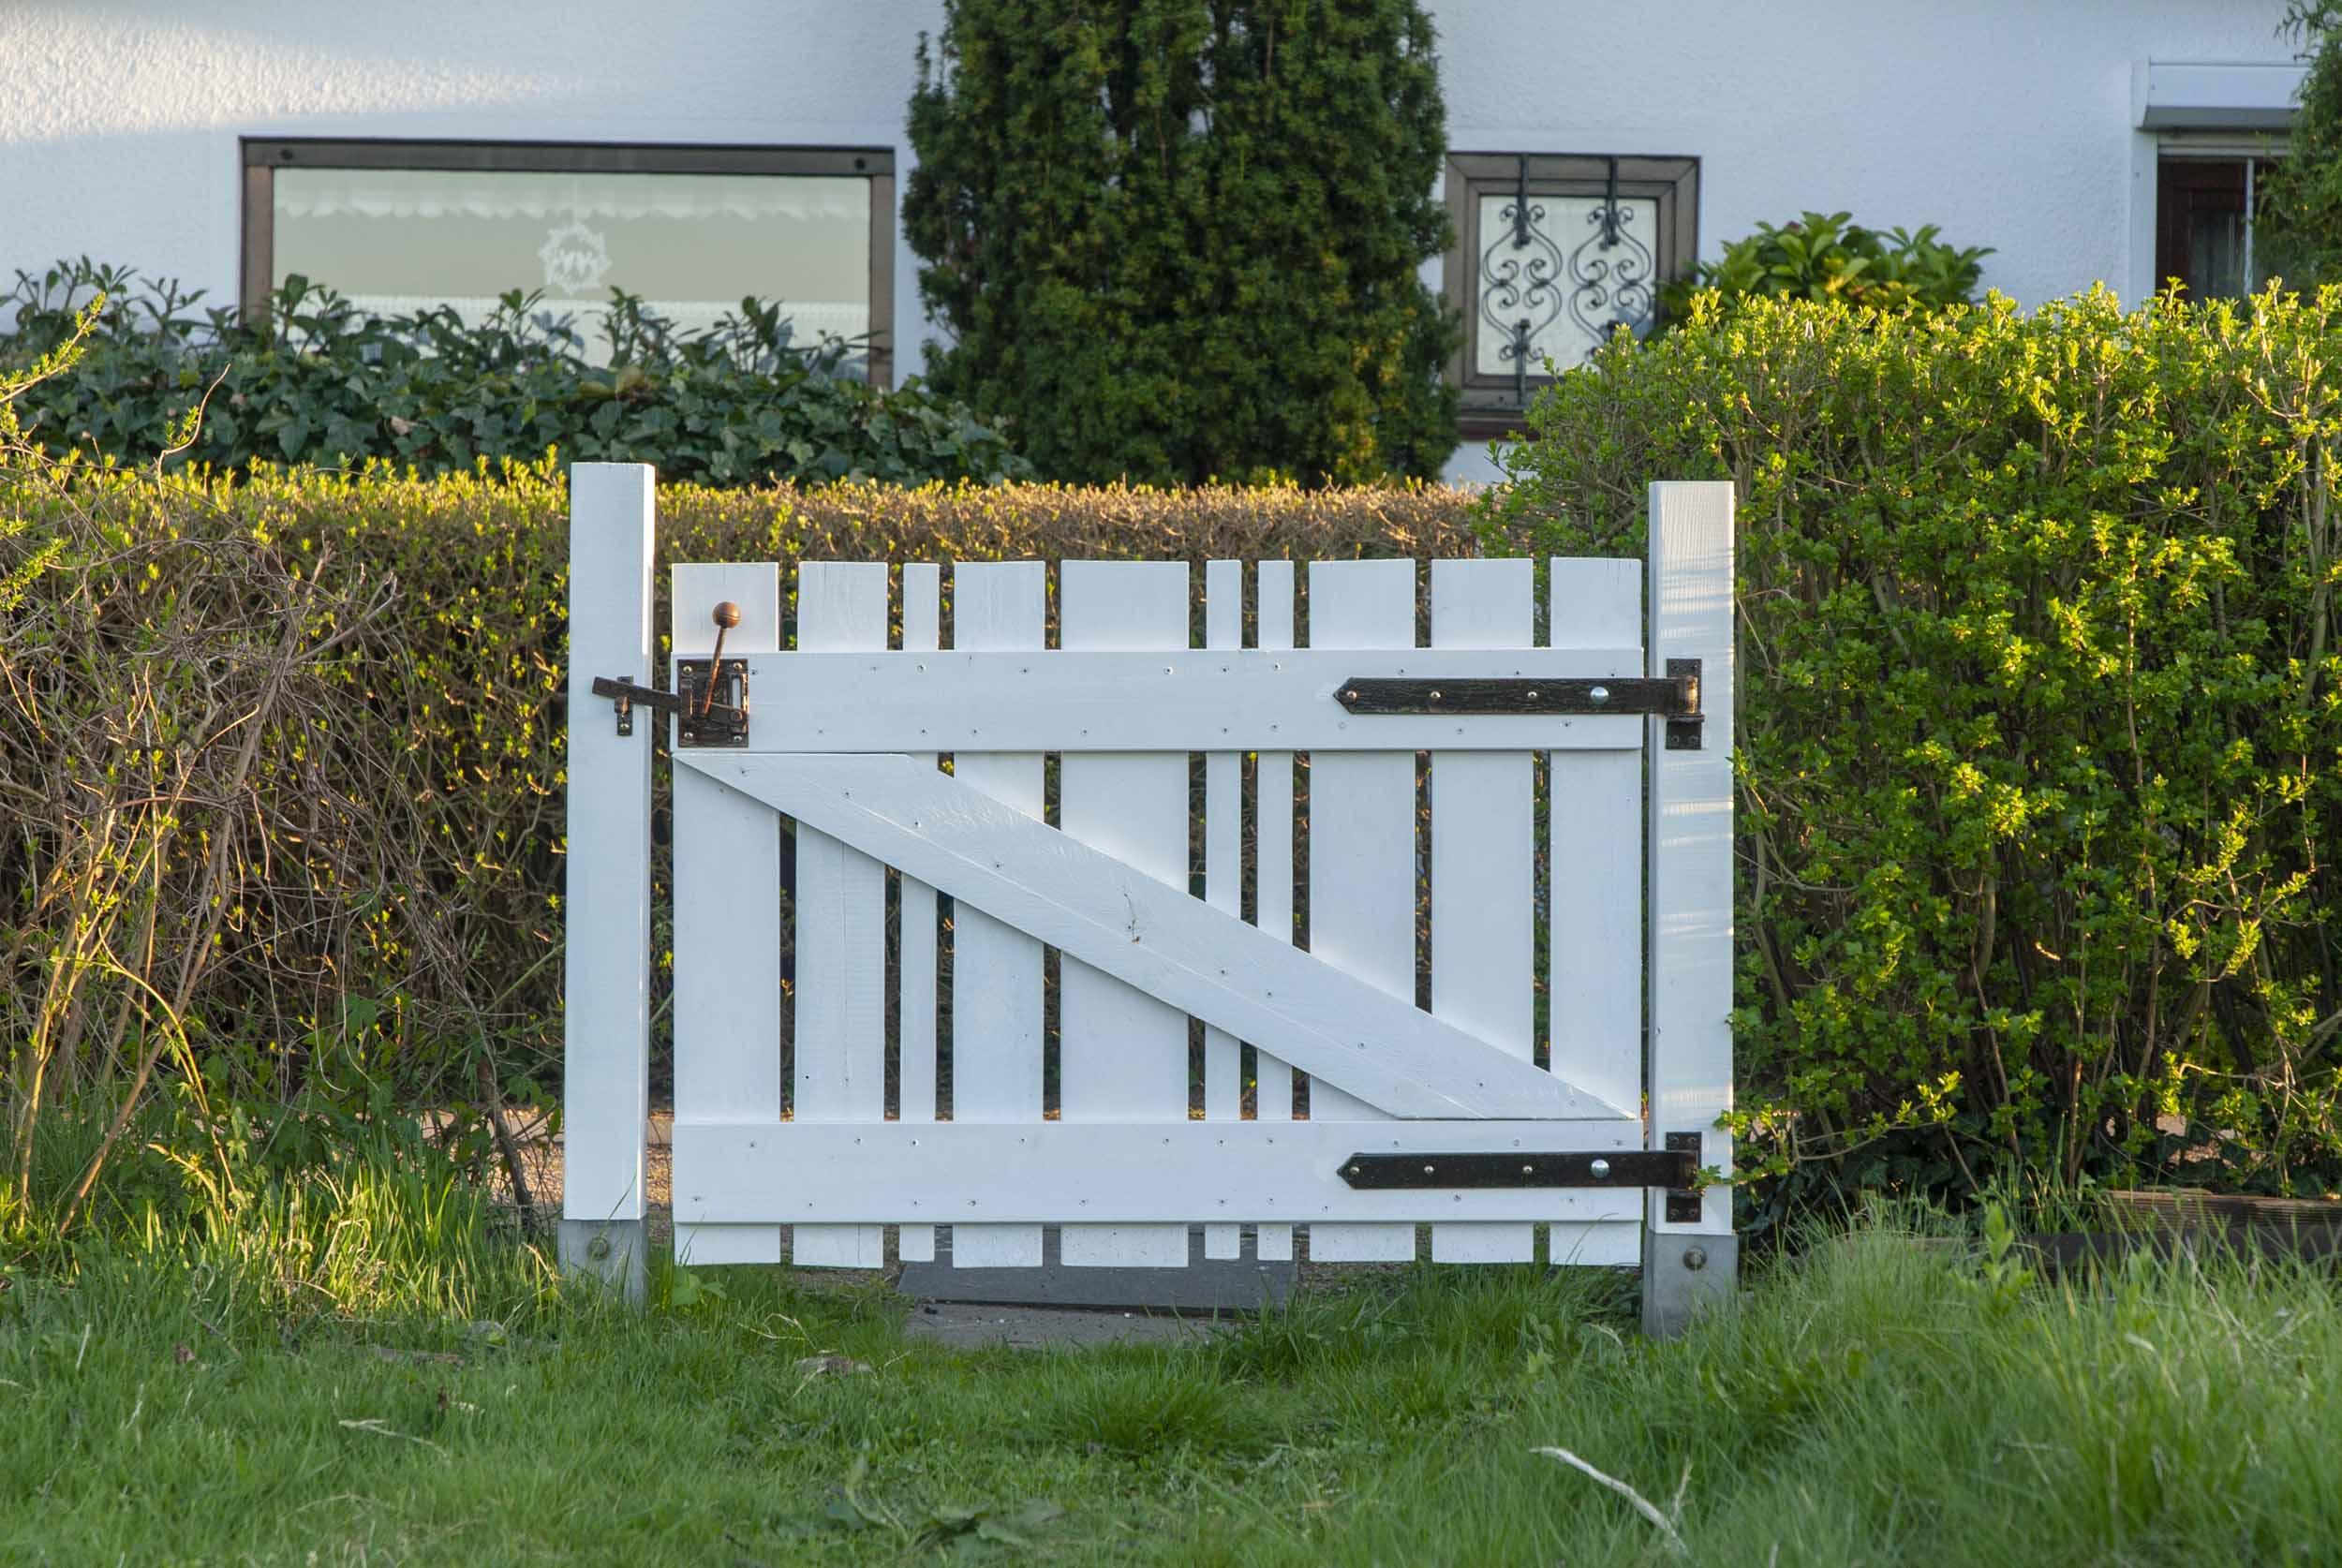 Gartentor Selber Bauen Schritt Für Schritt Erklärt Mit